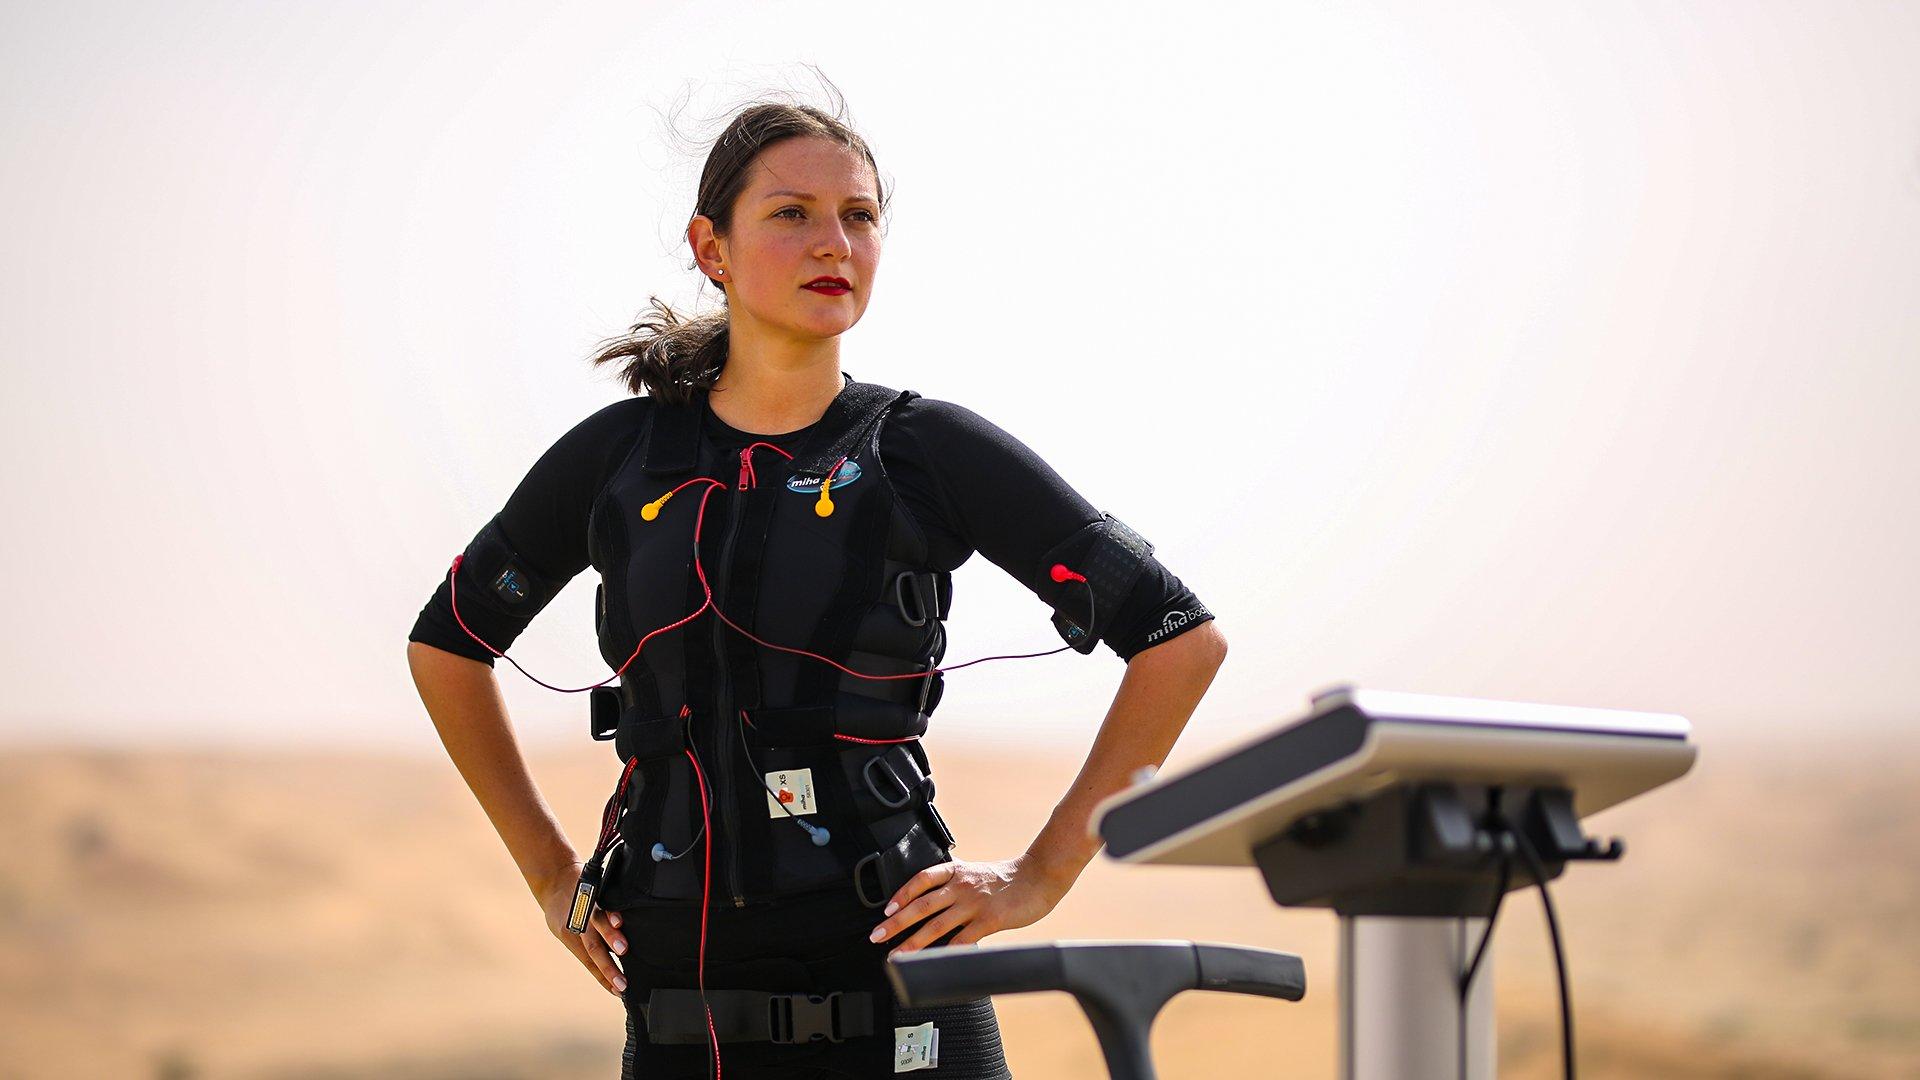 Body Time EMS training in the desert